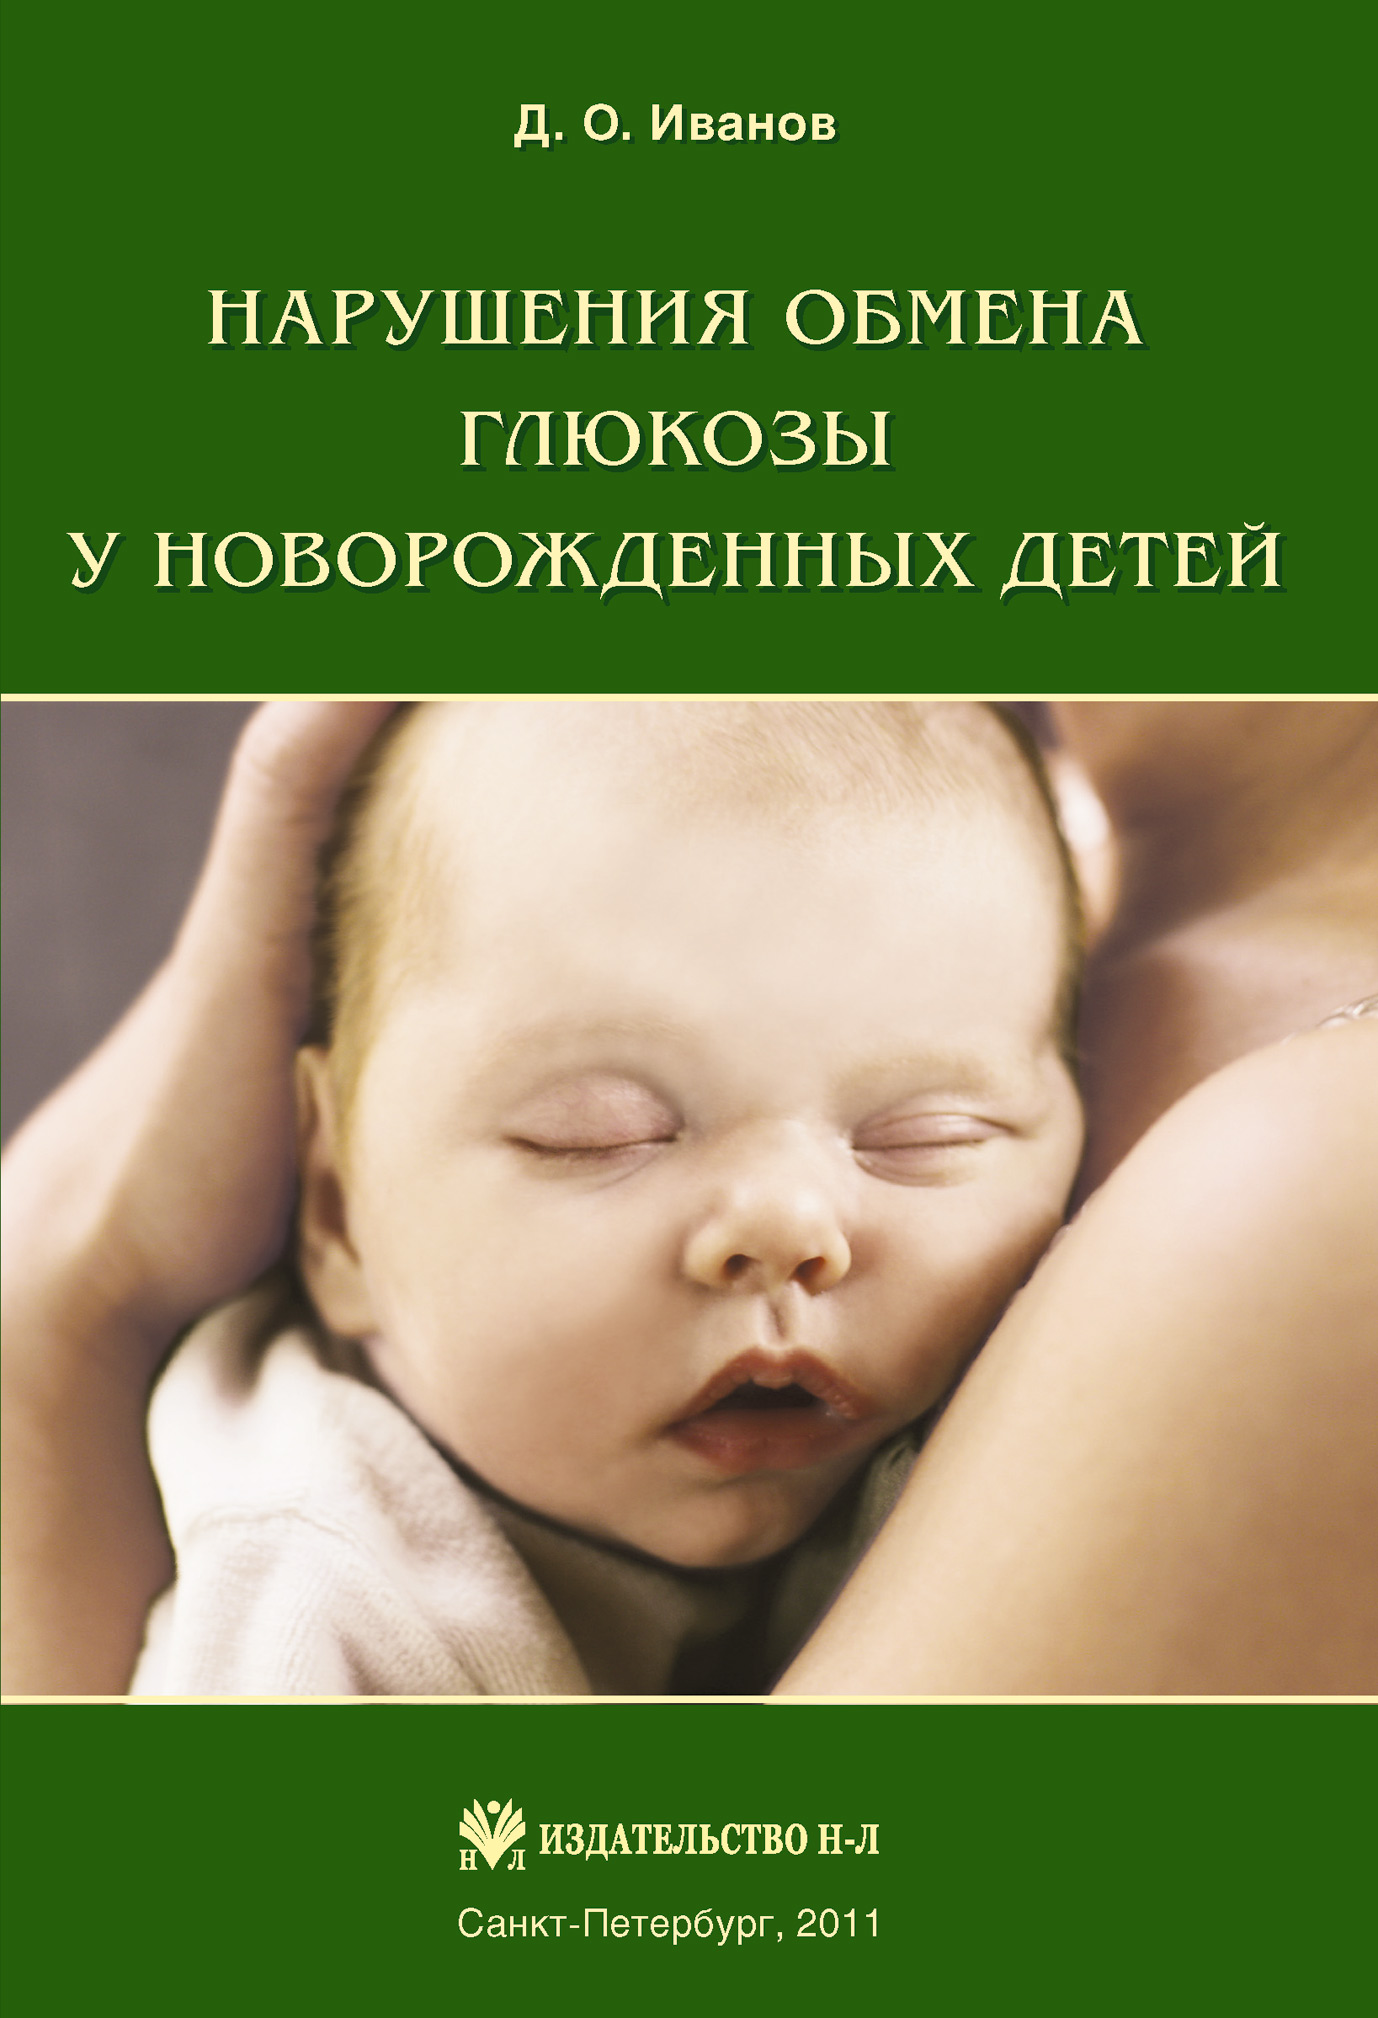 Д. О. Иванов Нарушения обмена глюкозы у новорожденных детей иванов д о нарушения обмена глюкозы у новорожденных